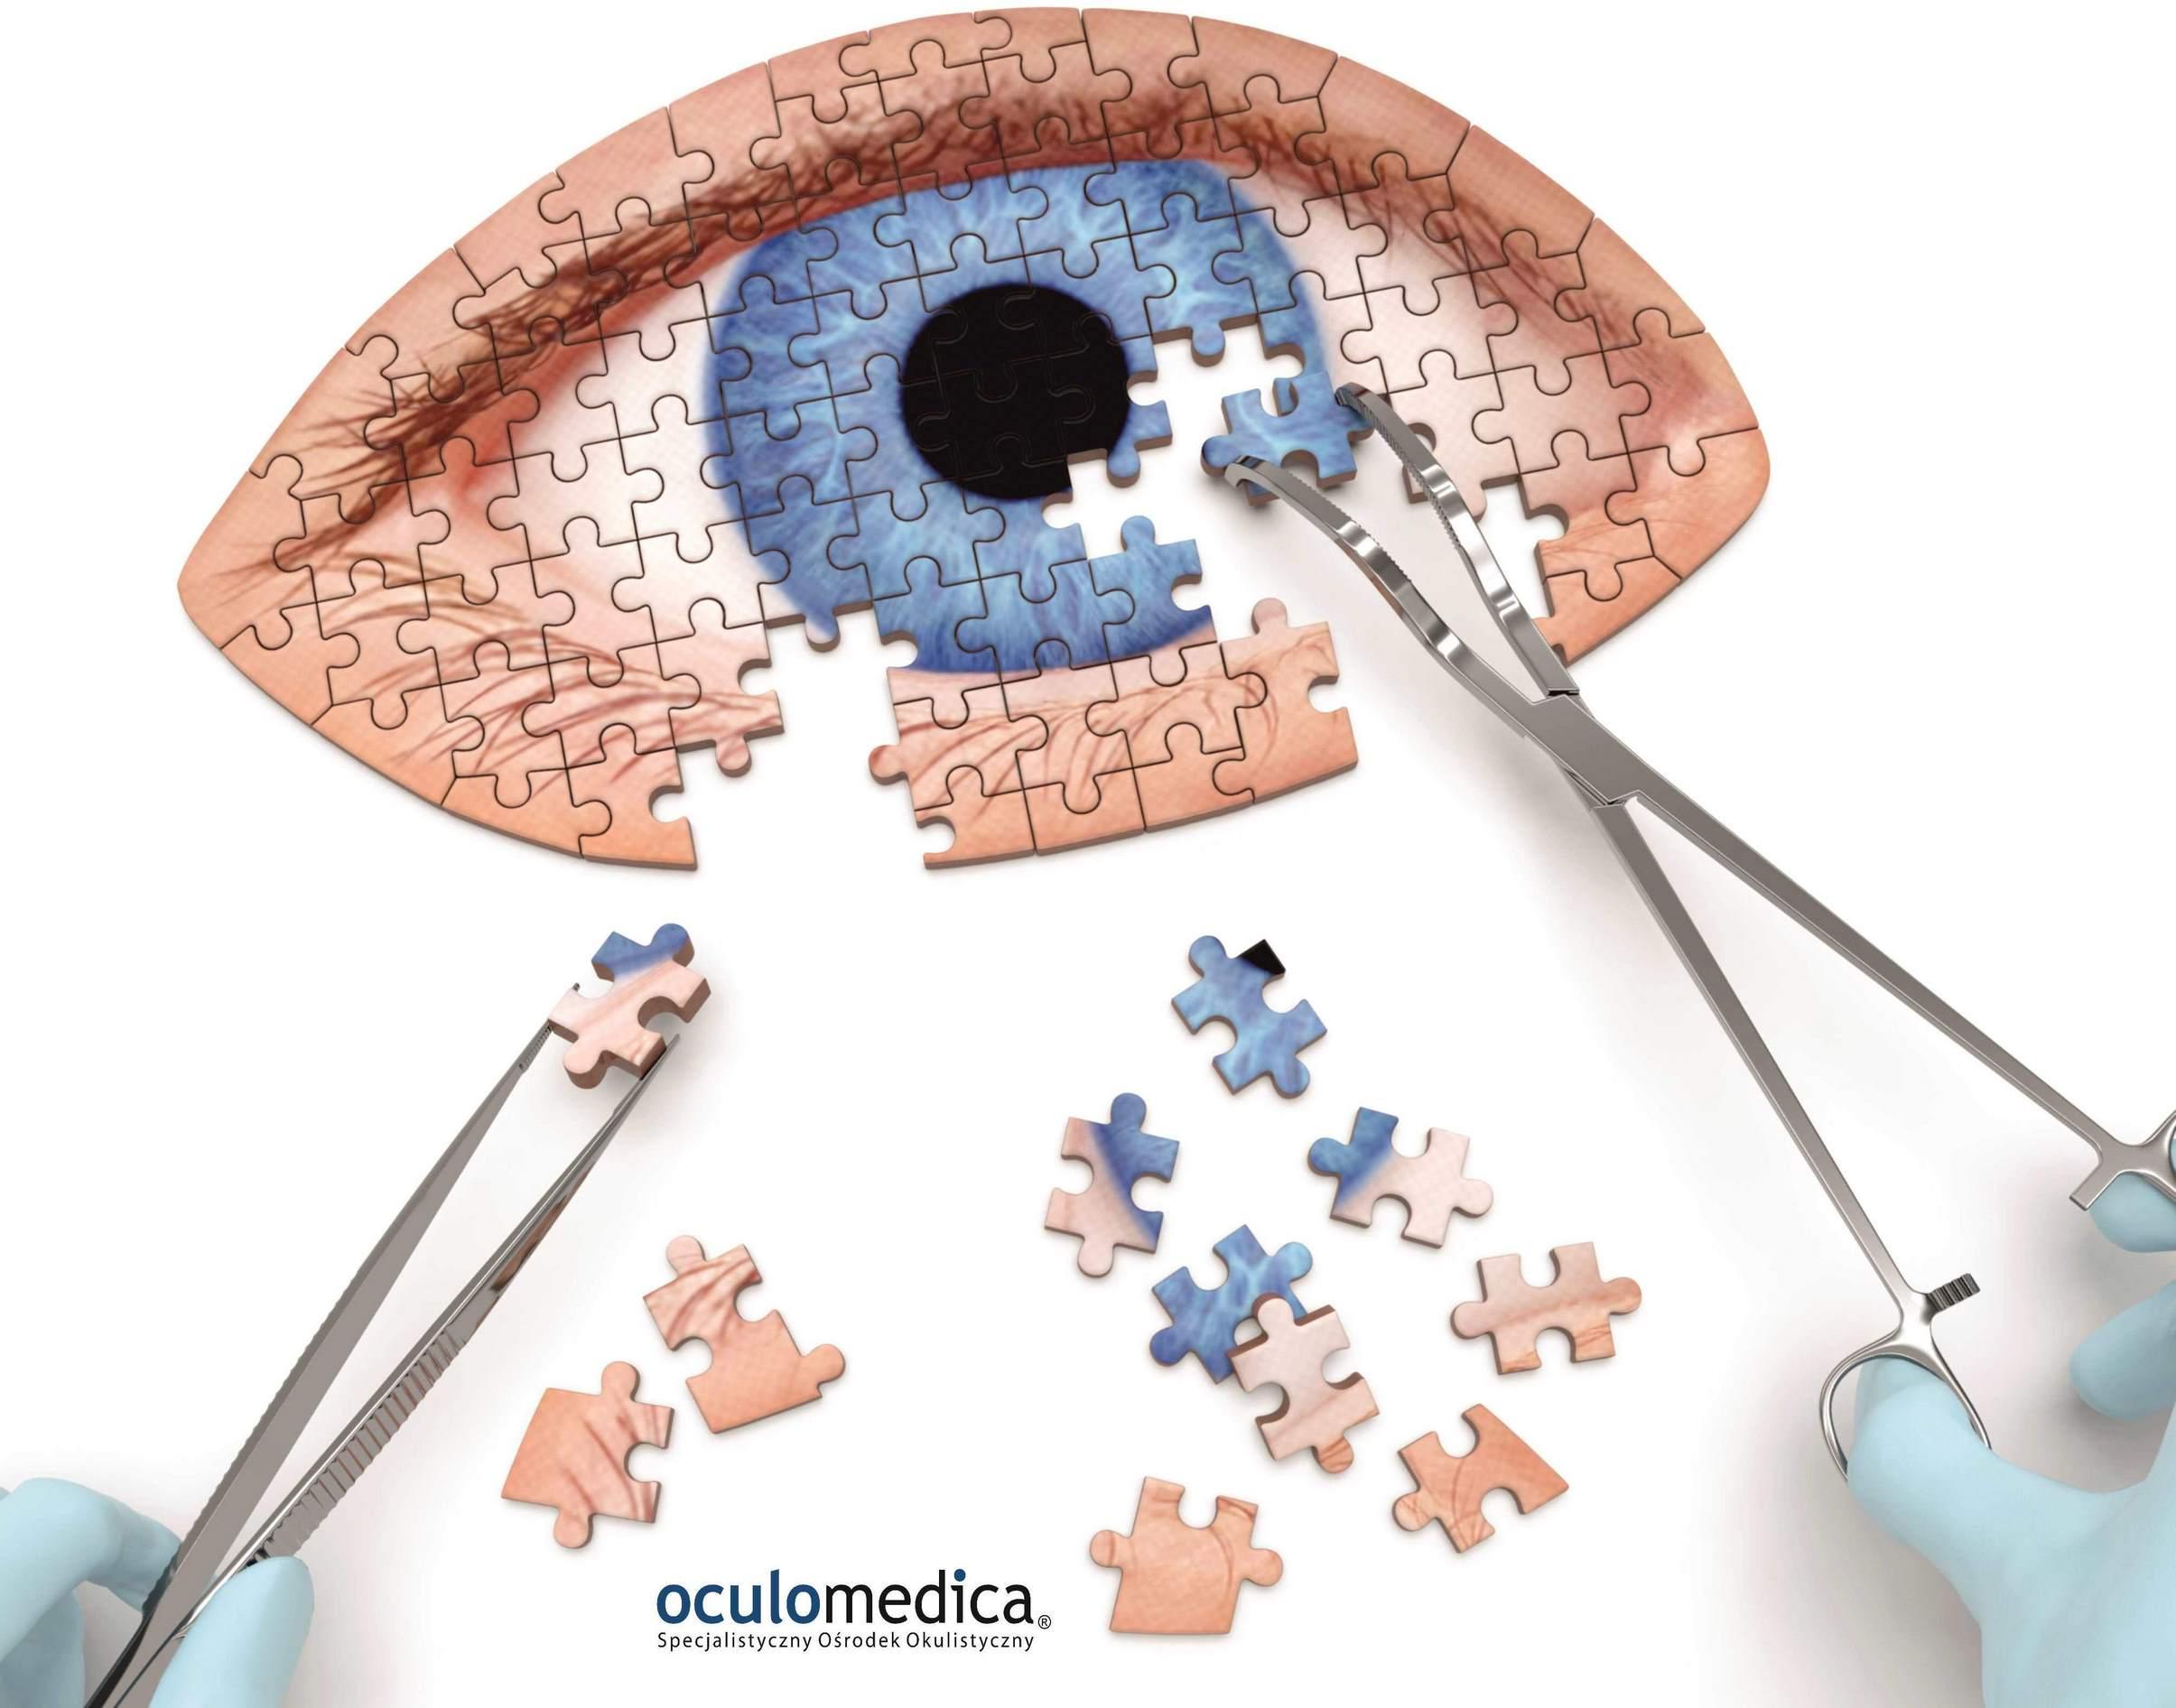 Oculomedica - Konferencja